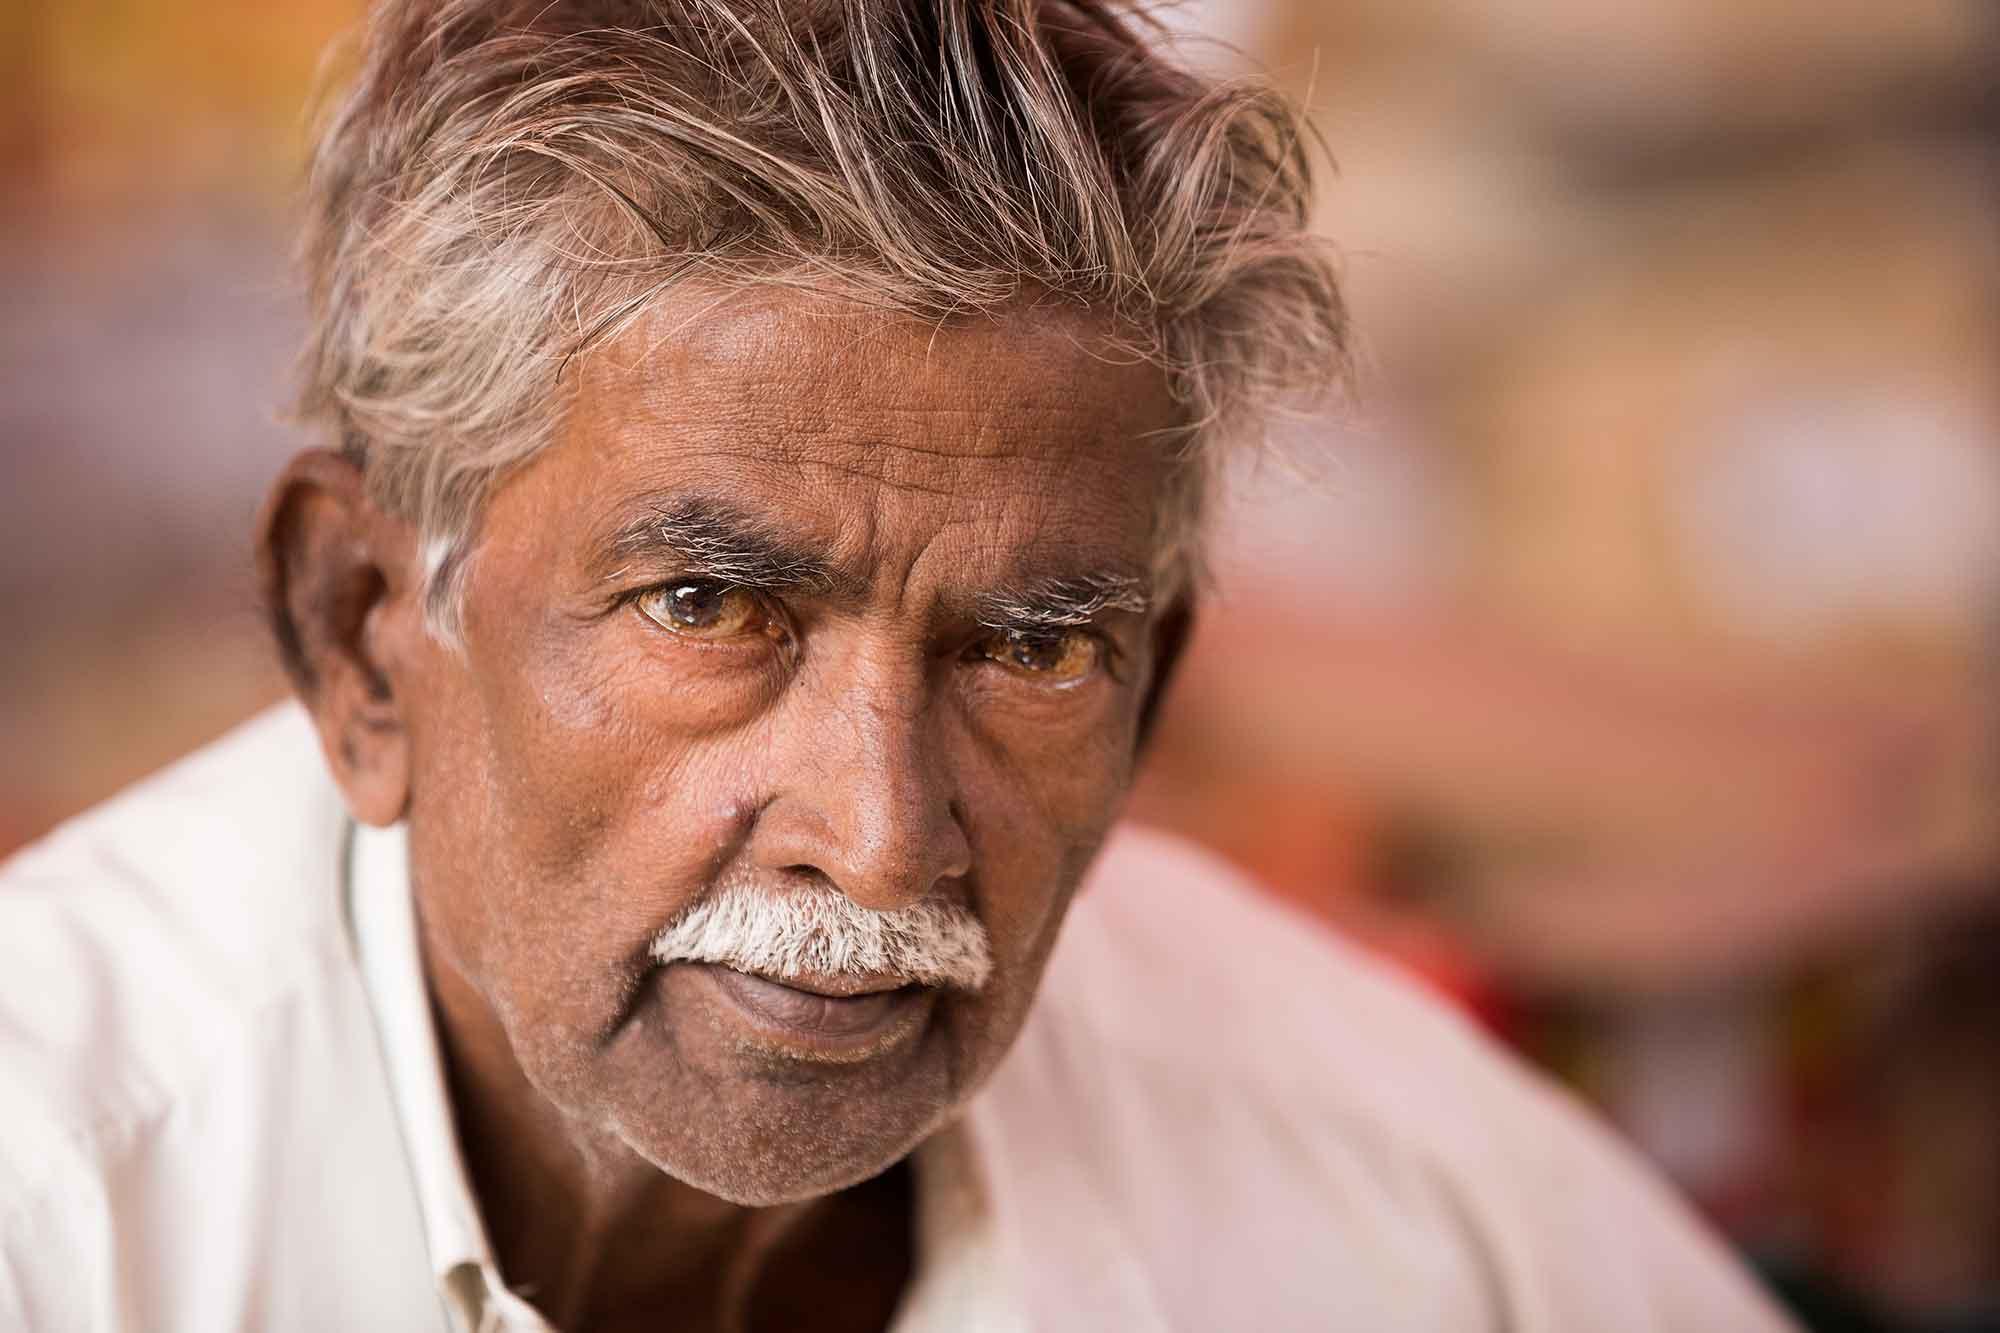 portrait-Mechhua-Fruit-Market-man-kolkata-india